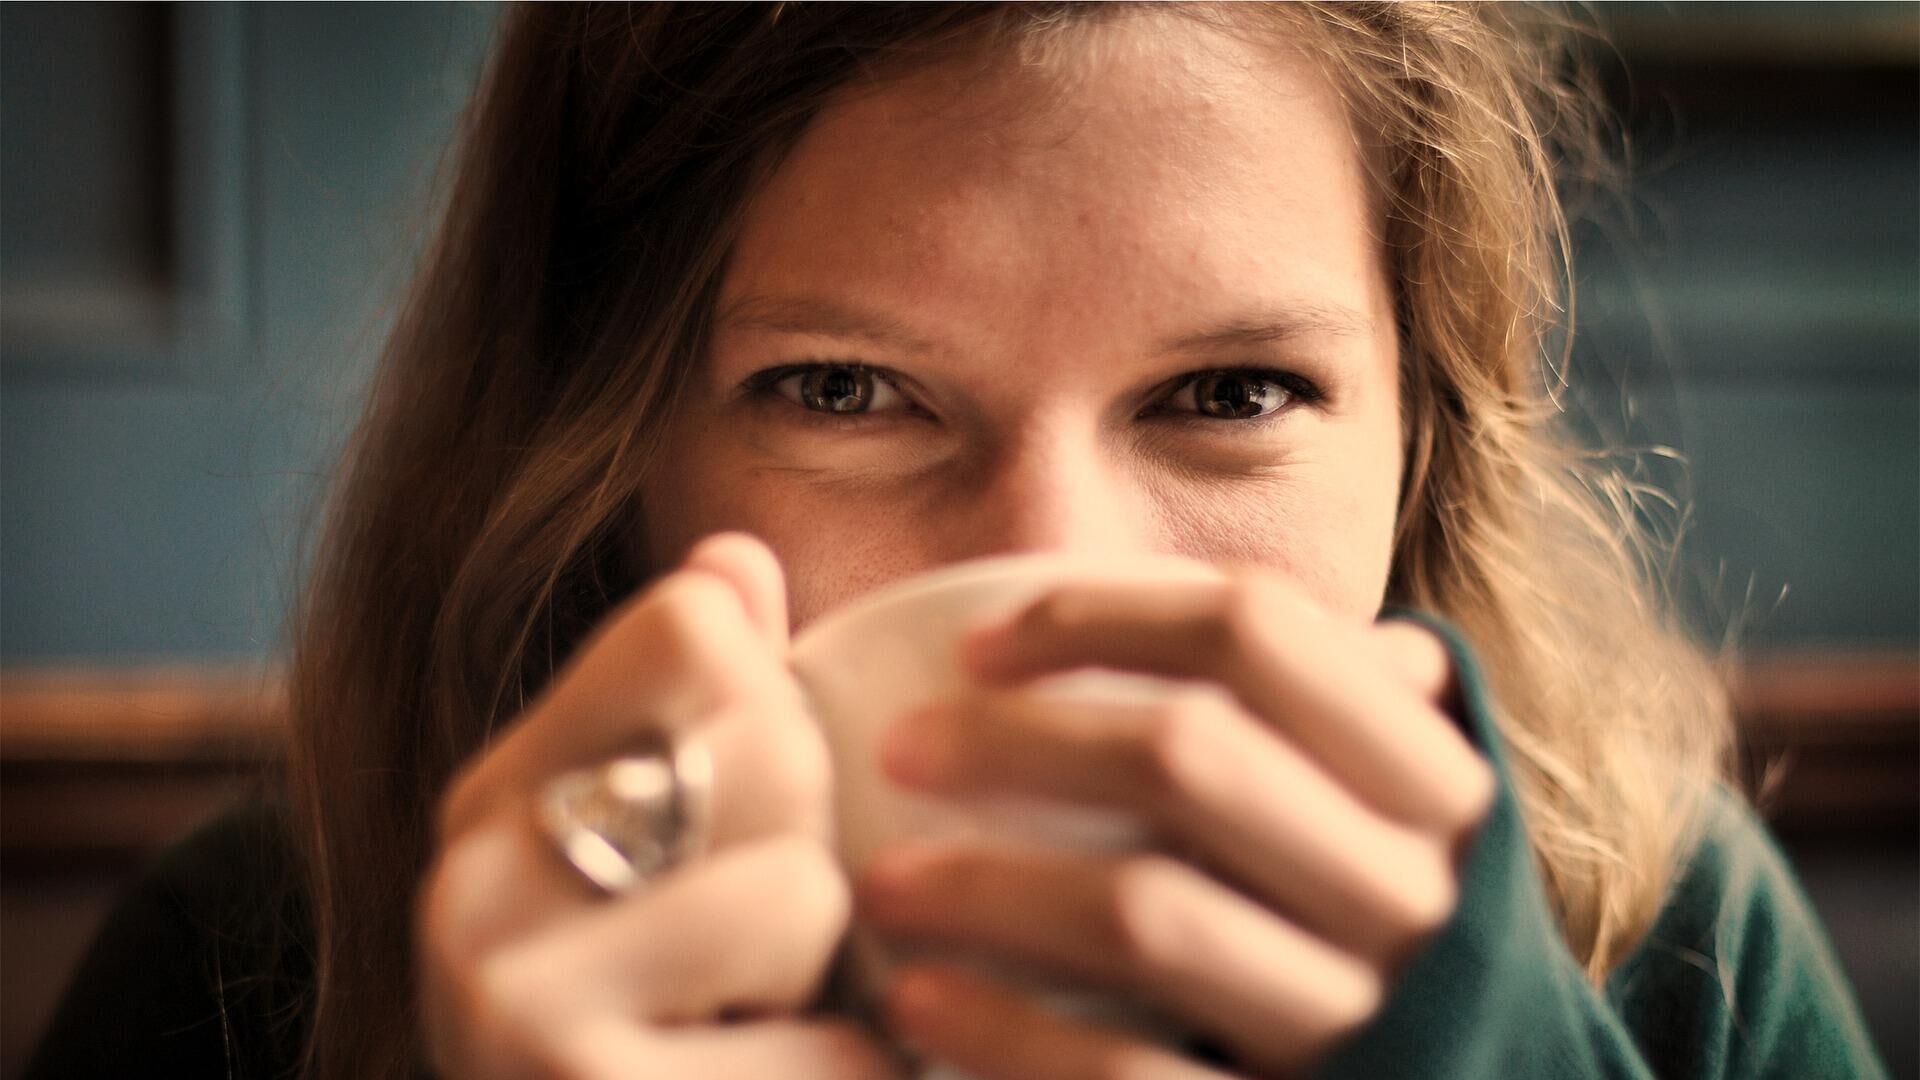 Κοπέλα πίνει καφέ - Sputnik Ελλάδα, 1920, 17.08.2021